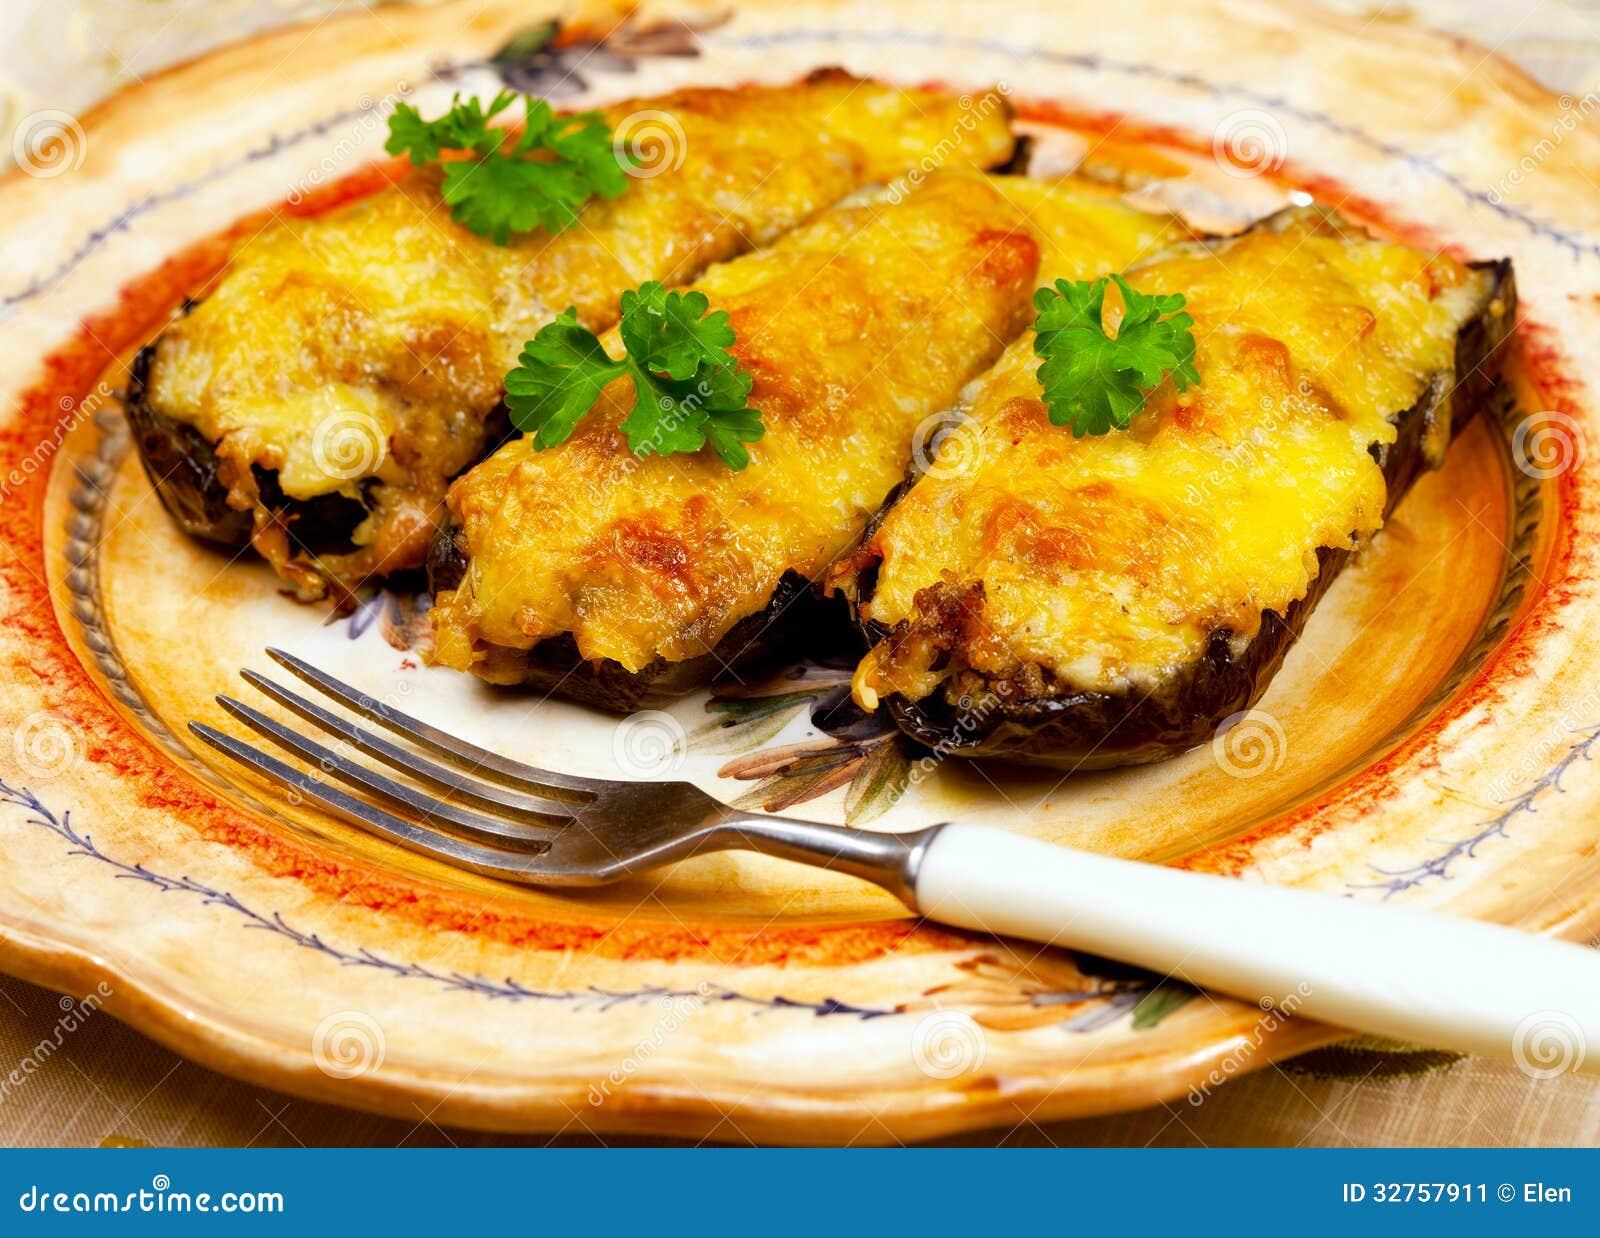 Cuisine grecque chaussures d 39 aubergine image stock - Cuisine grecque traditionnelle ...